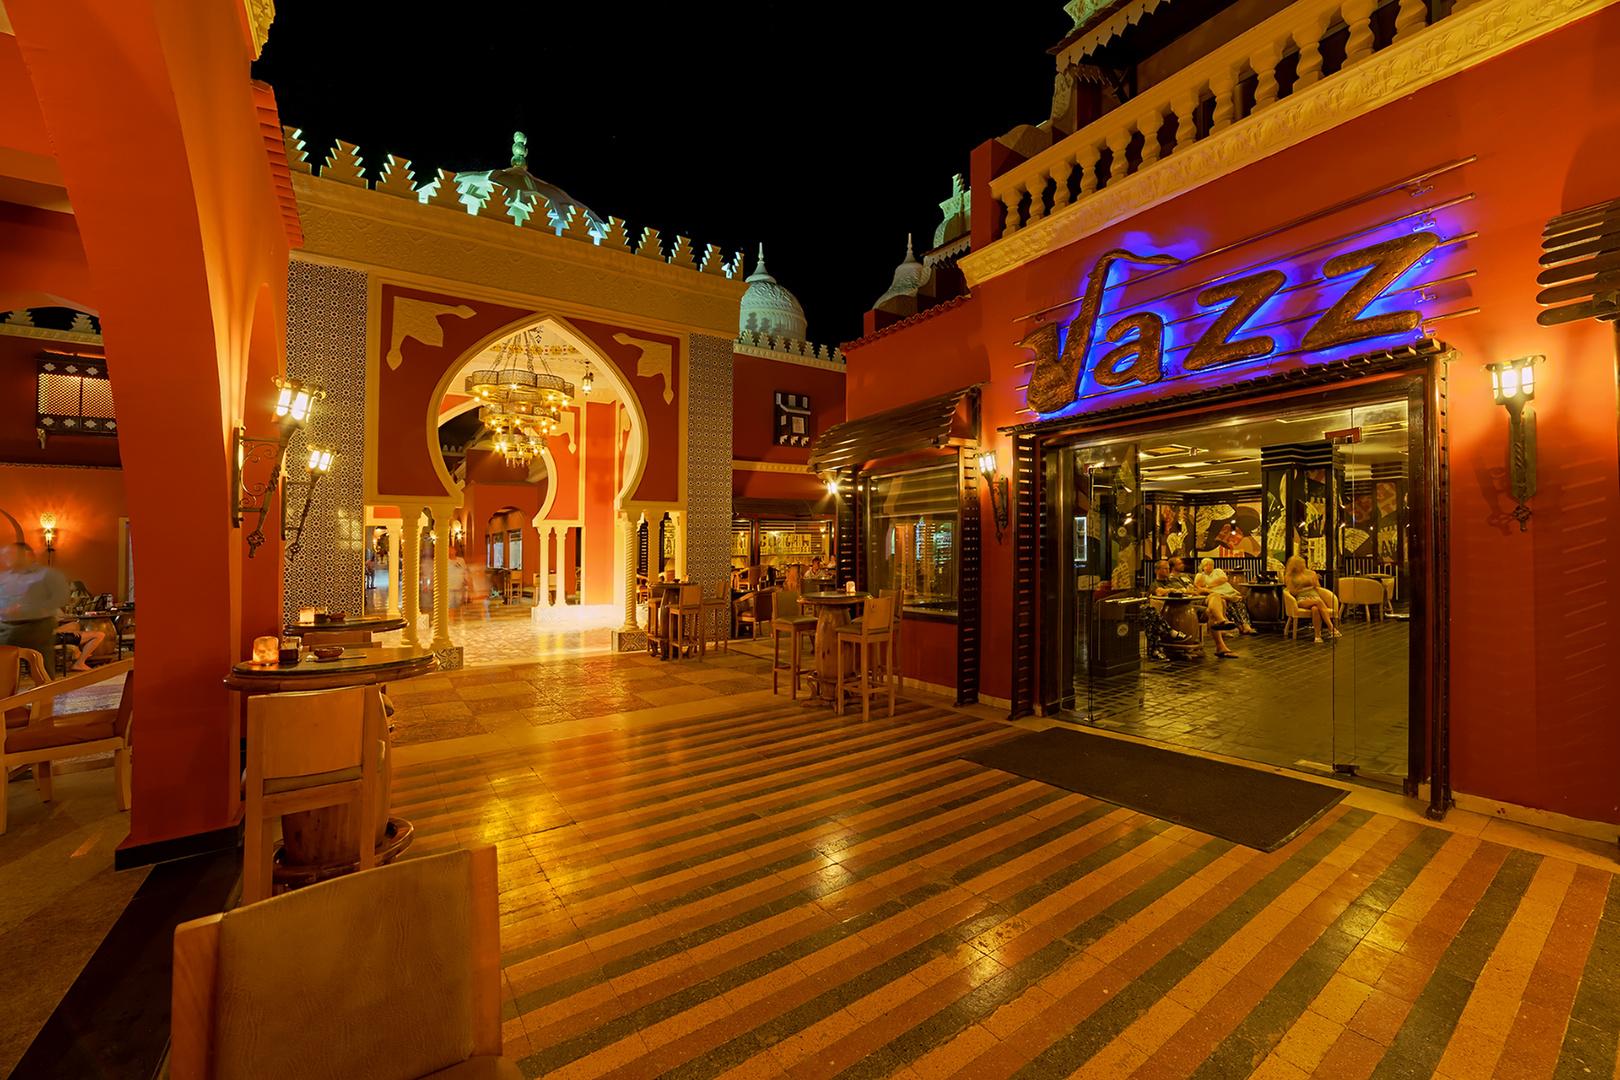 alf leila wa leila 1001 nacht hotel jazz bar foto bild world africa hotel bilder auf. Black Bedroom Furniture Sets. Home Design Ideas